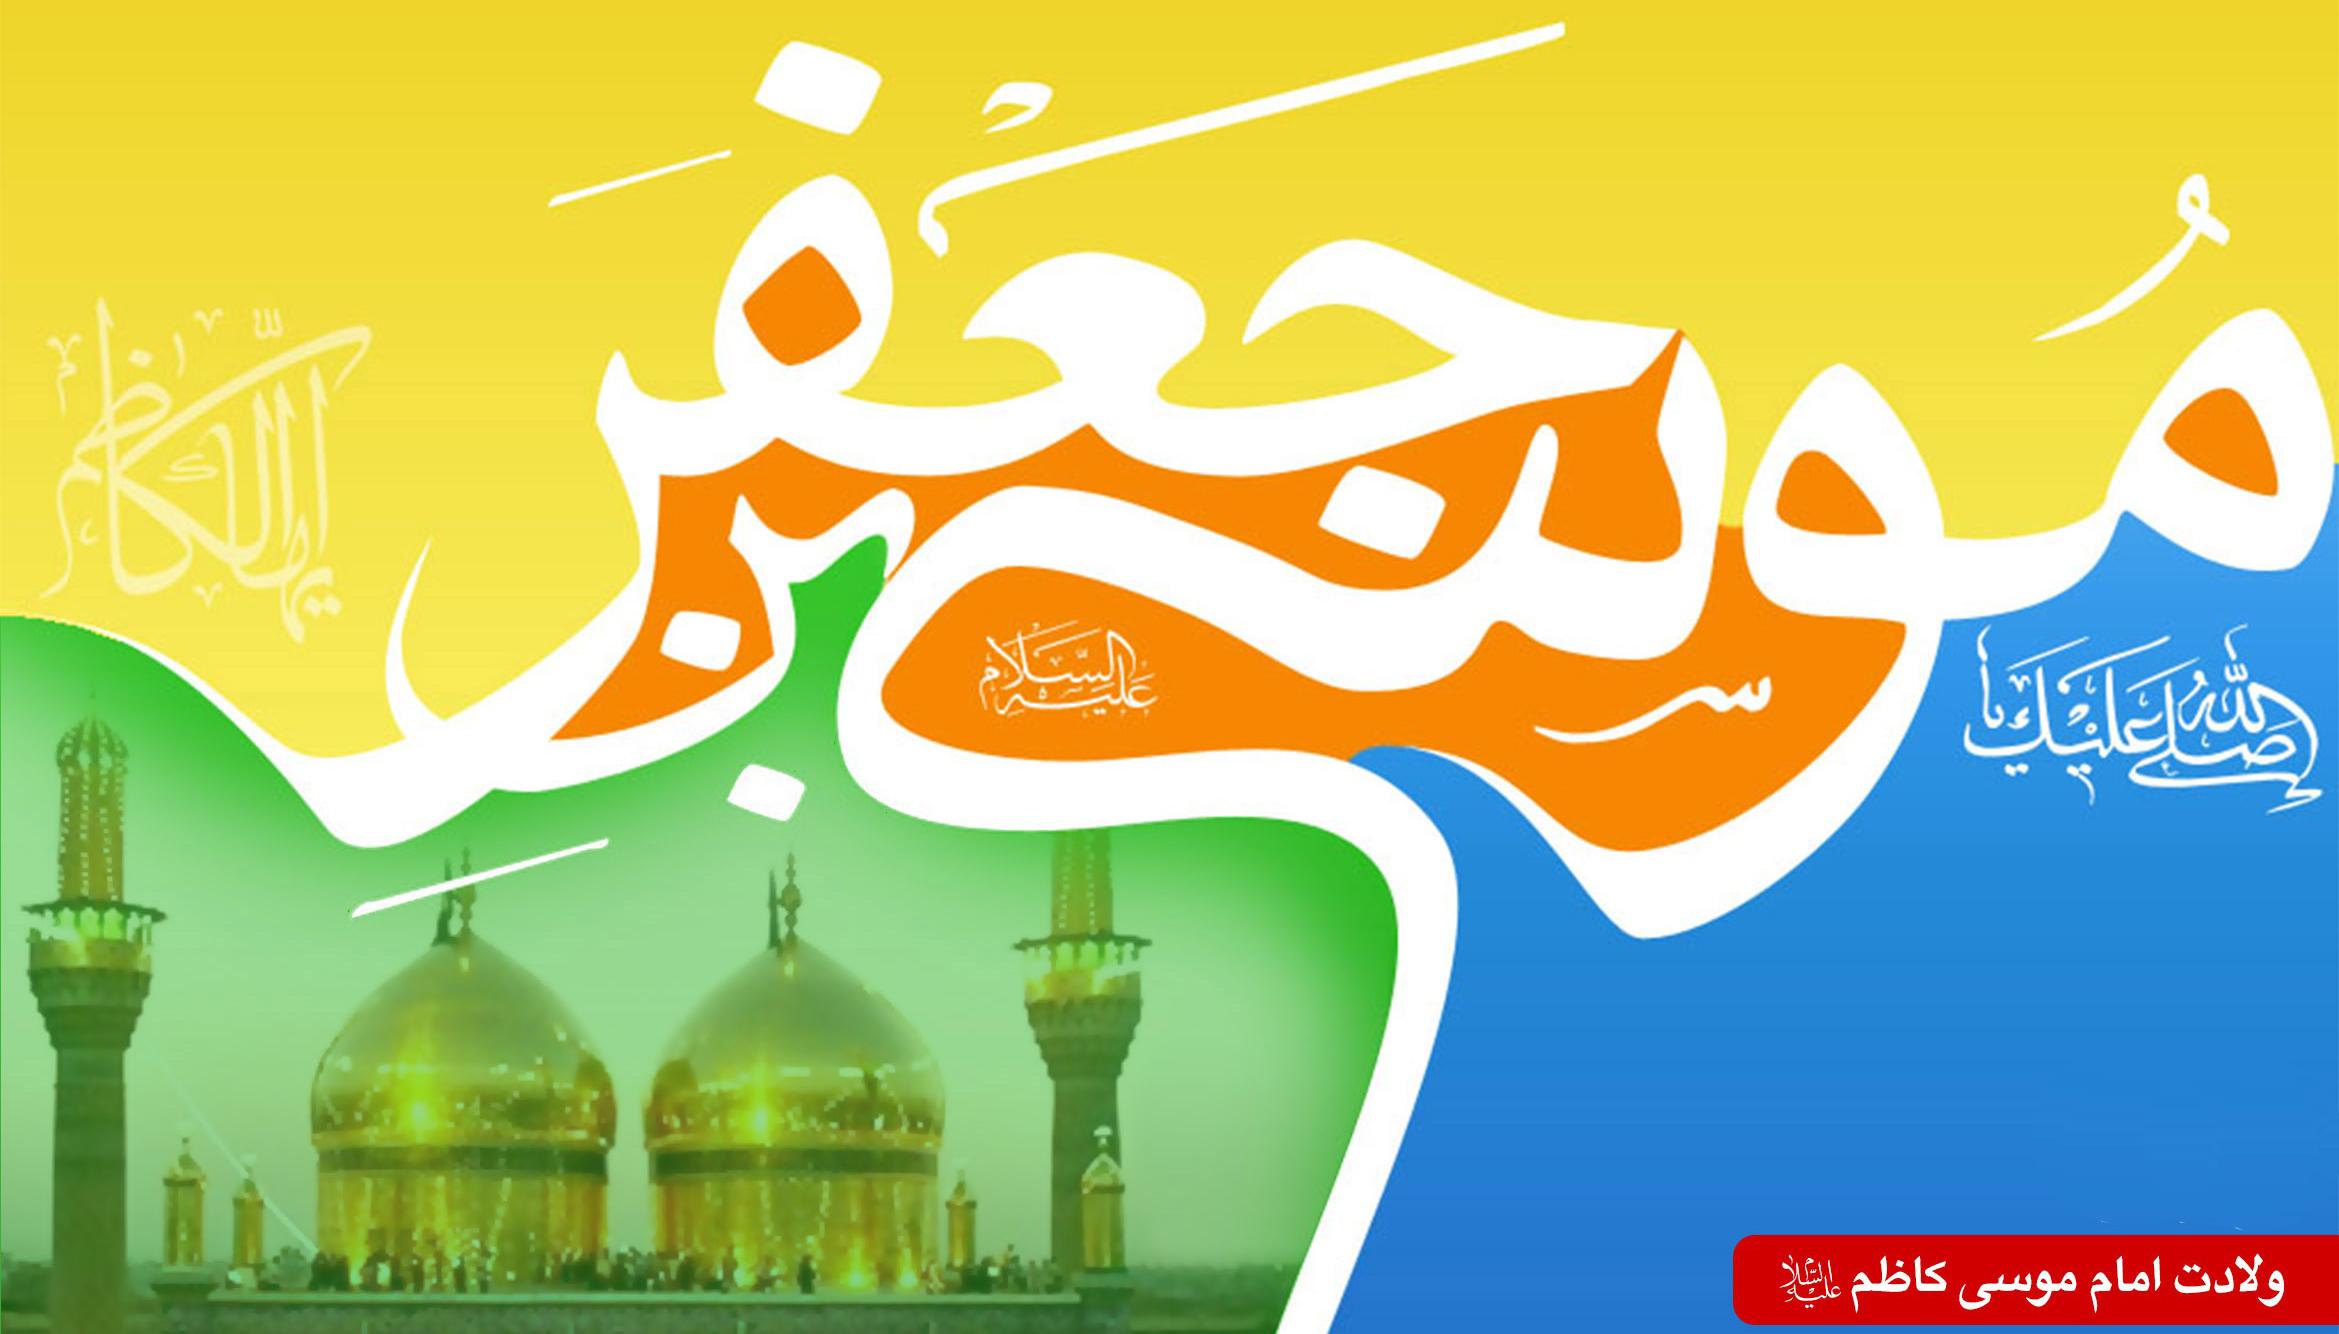 سیره عملی امام کاظم علیه السلام